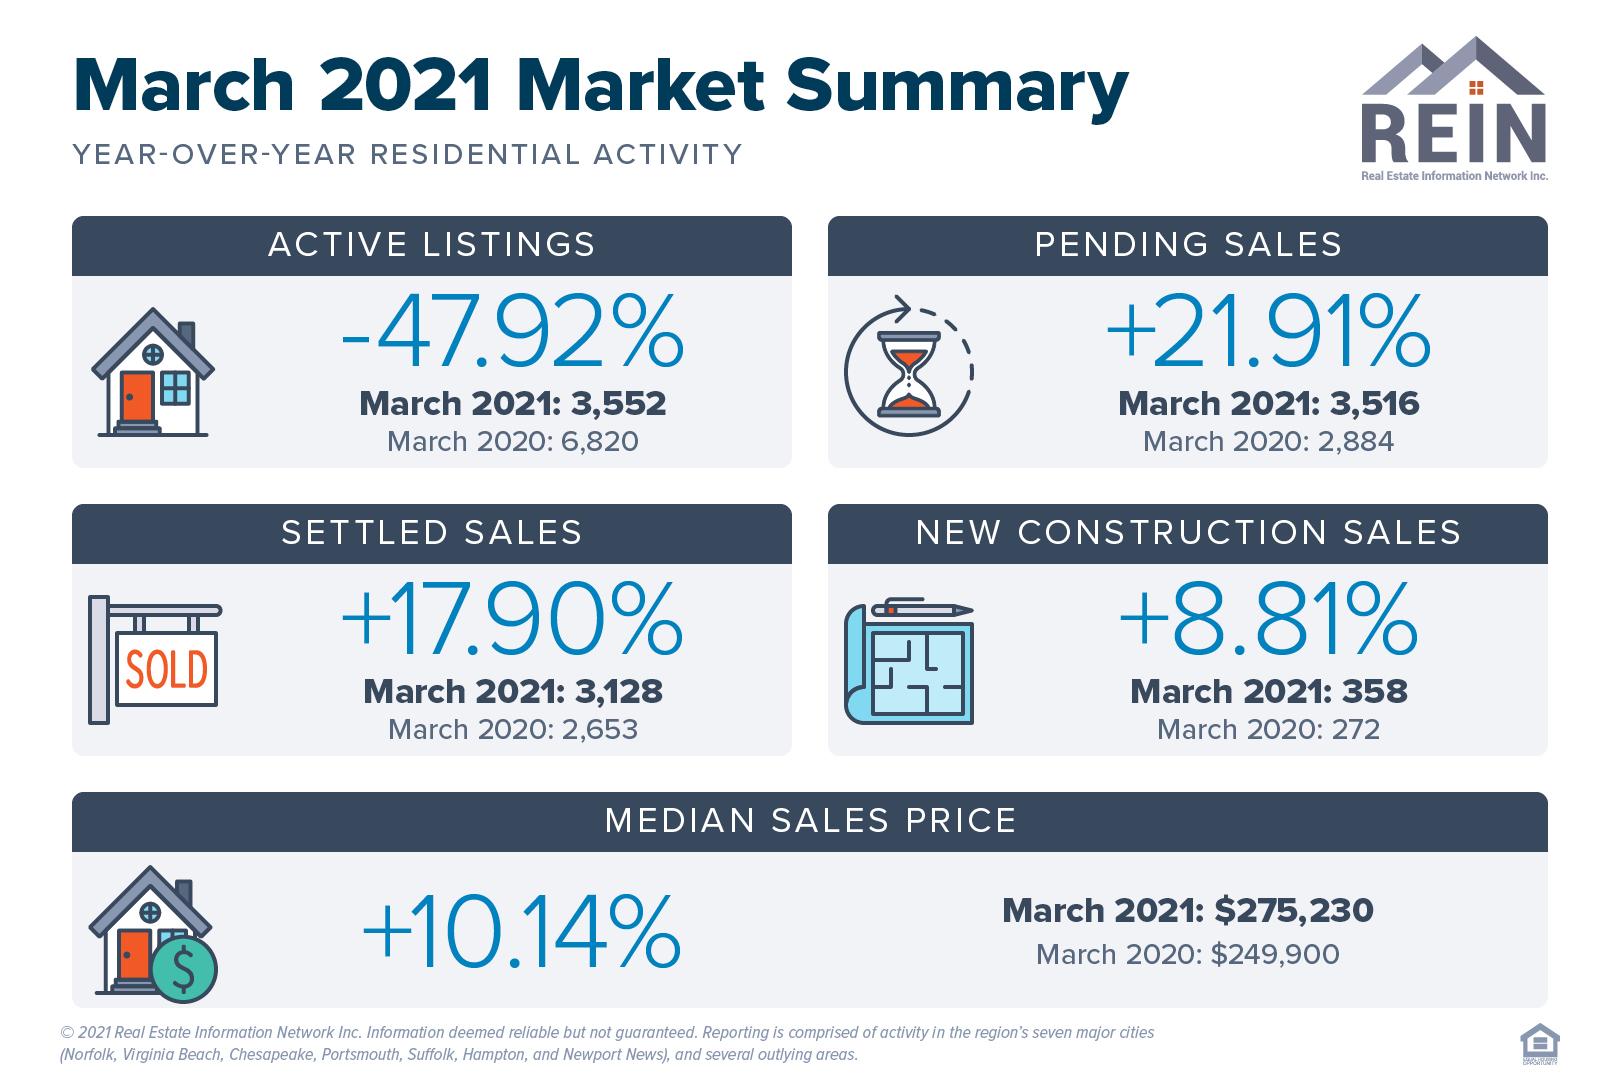 March 2021 Market Summary